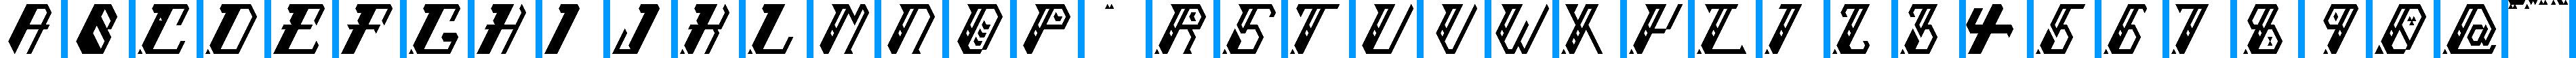 Particip-a-type v.293